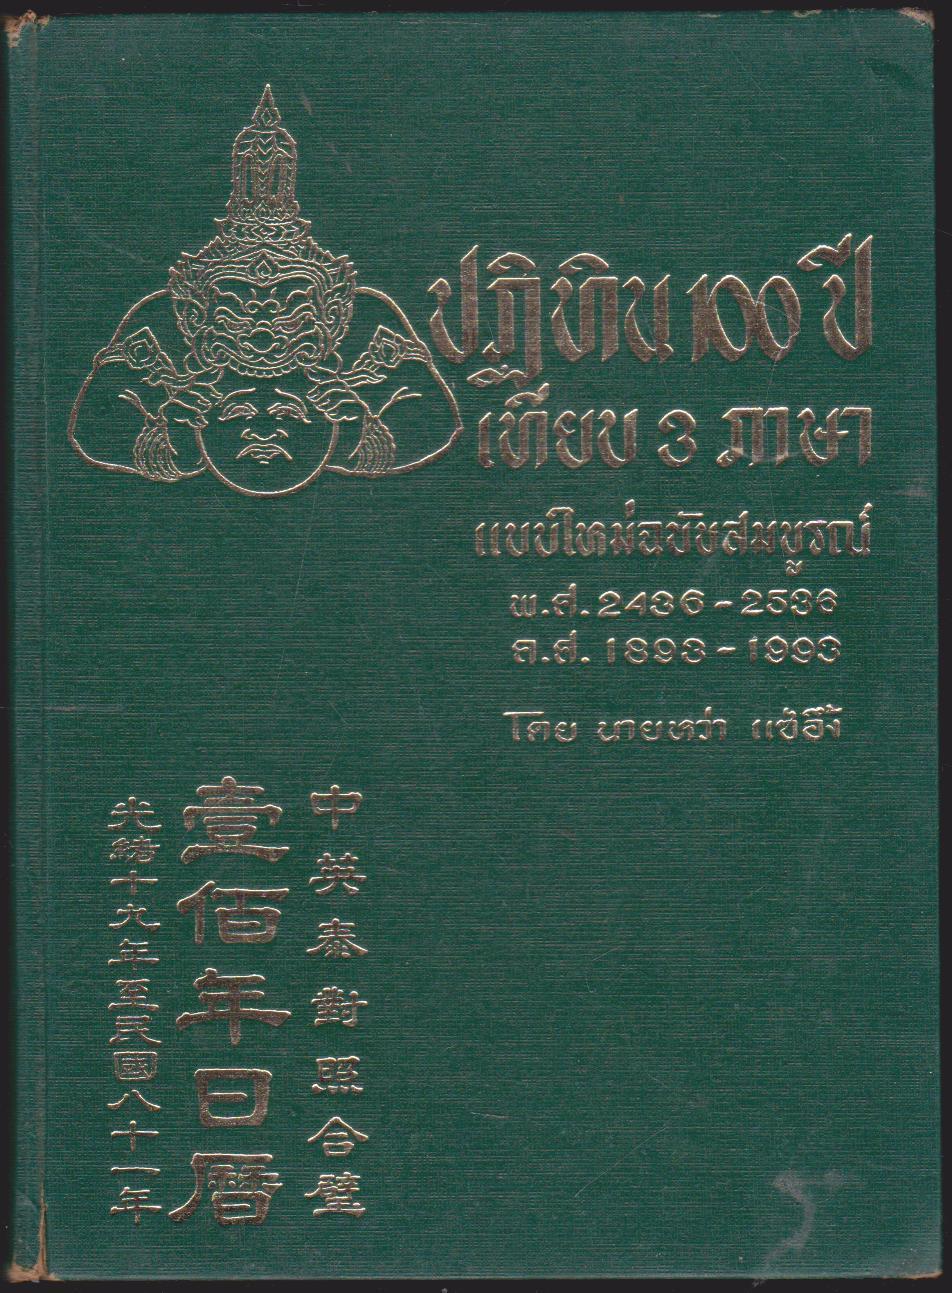 ปฎิทิน 100 ปี เทียบ 3 ภาษา แบบใหม่ฉบับสมบูรณ์พ.ศ. 2436-2536 ค.ศ.1893-1993